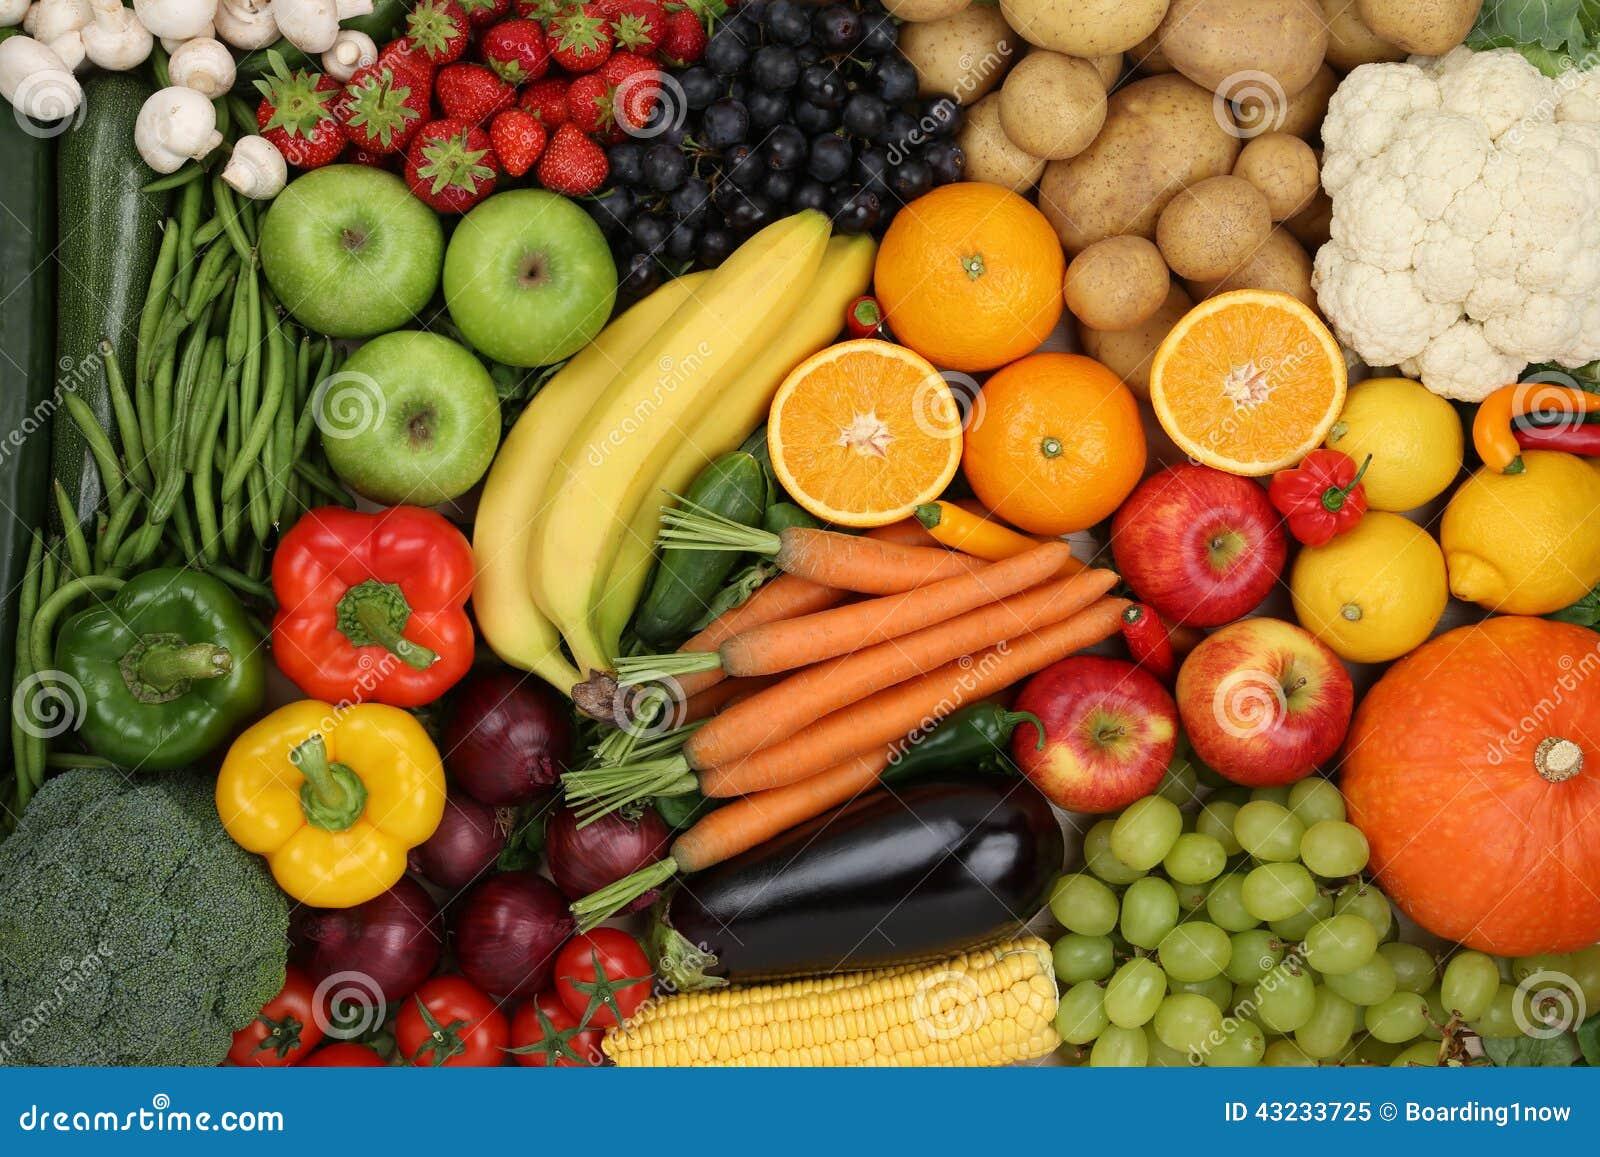 Vegetarischer Obst- und Gemüse Hintergrund der gesunden Ernährung